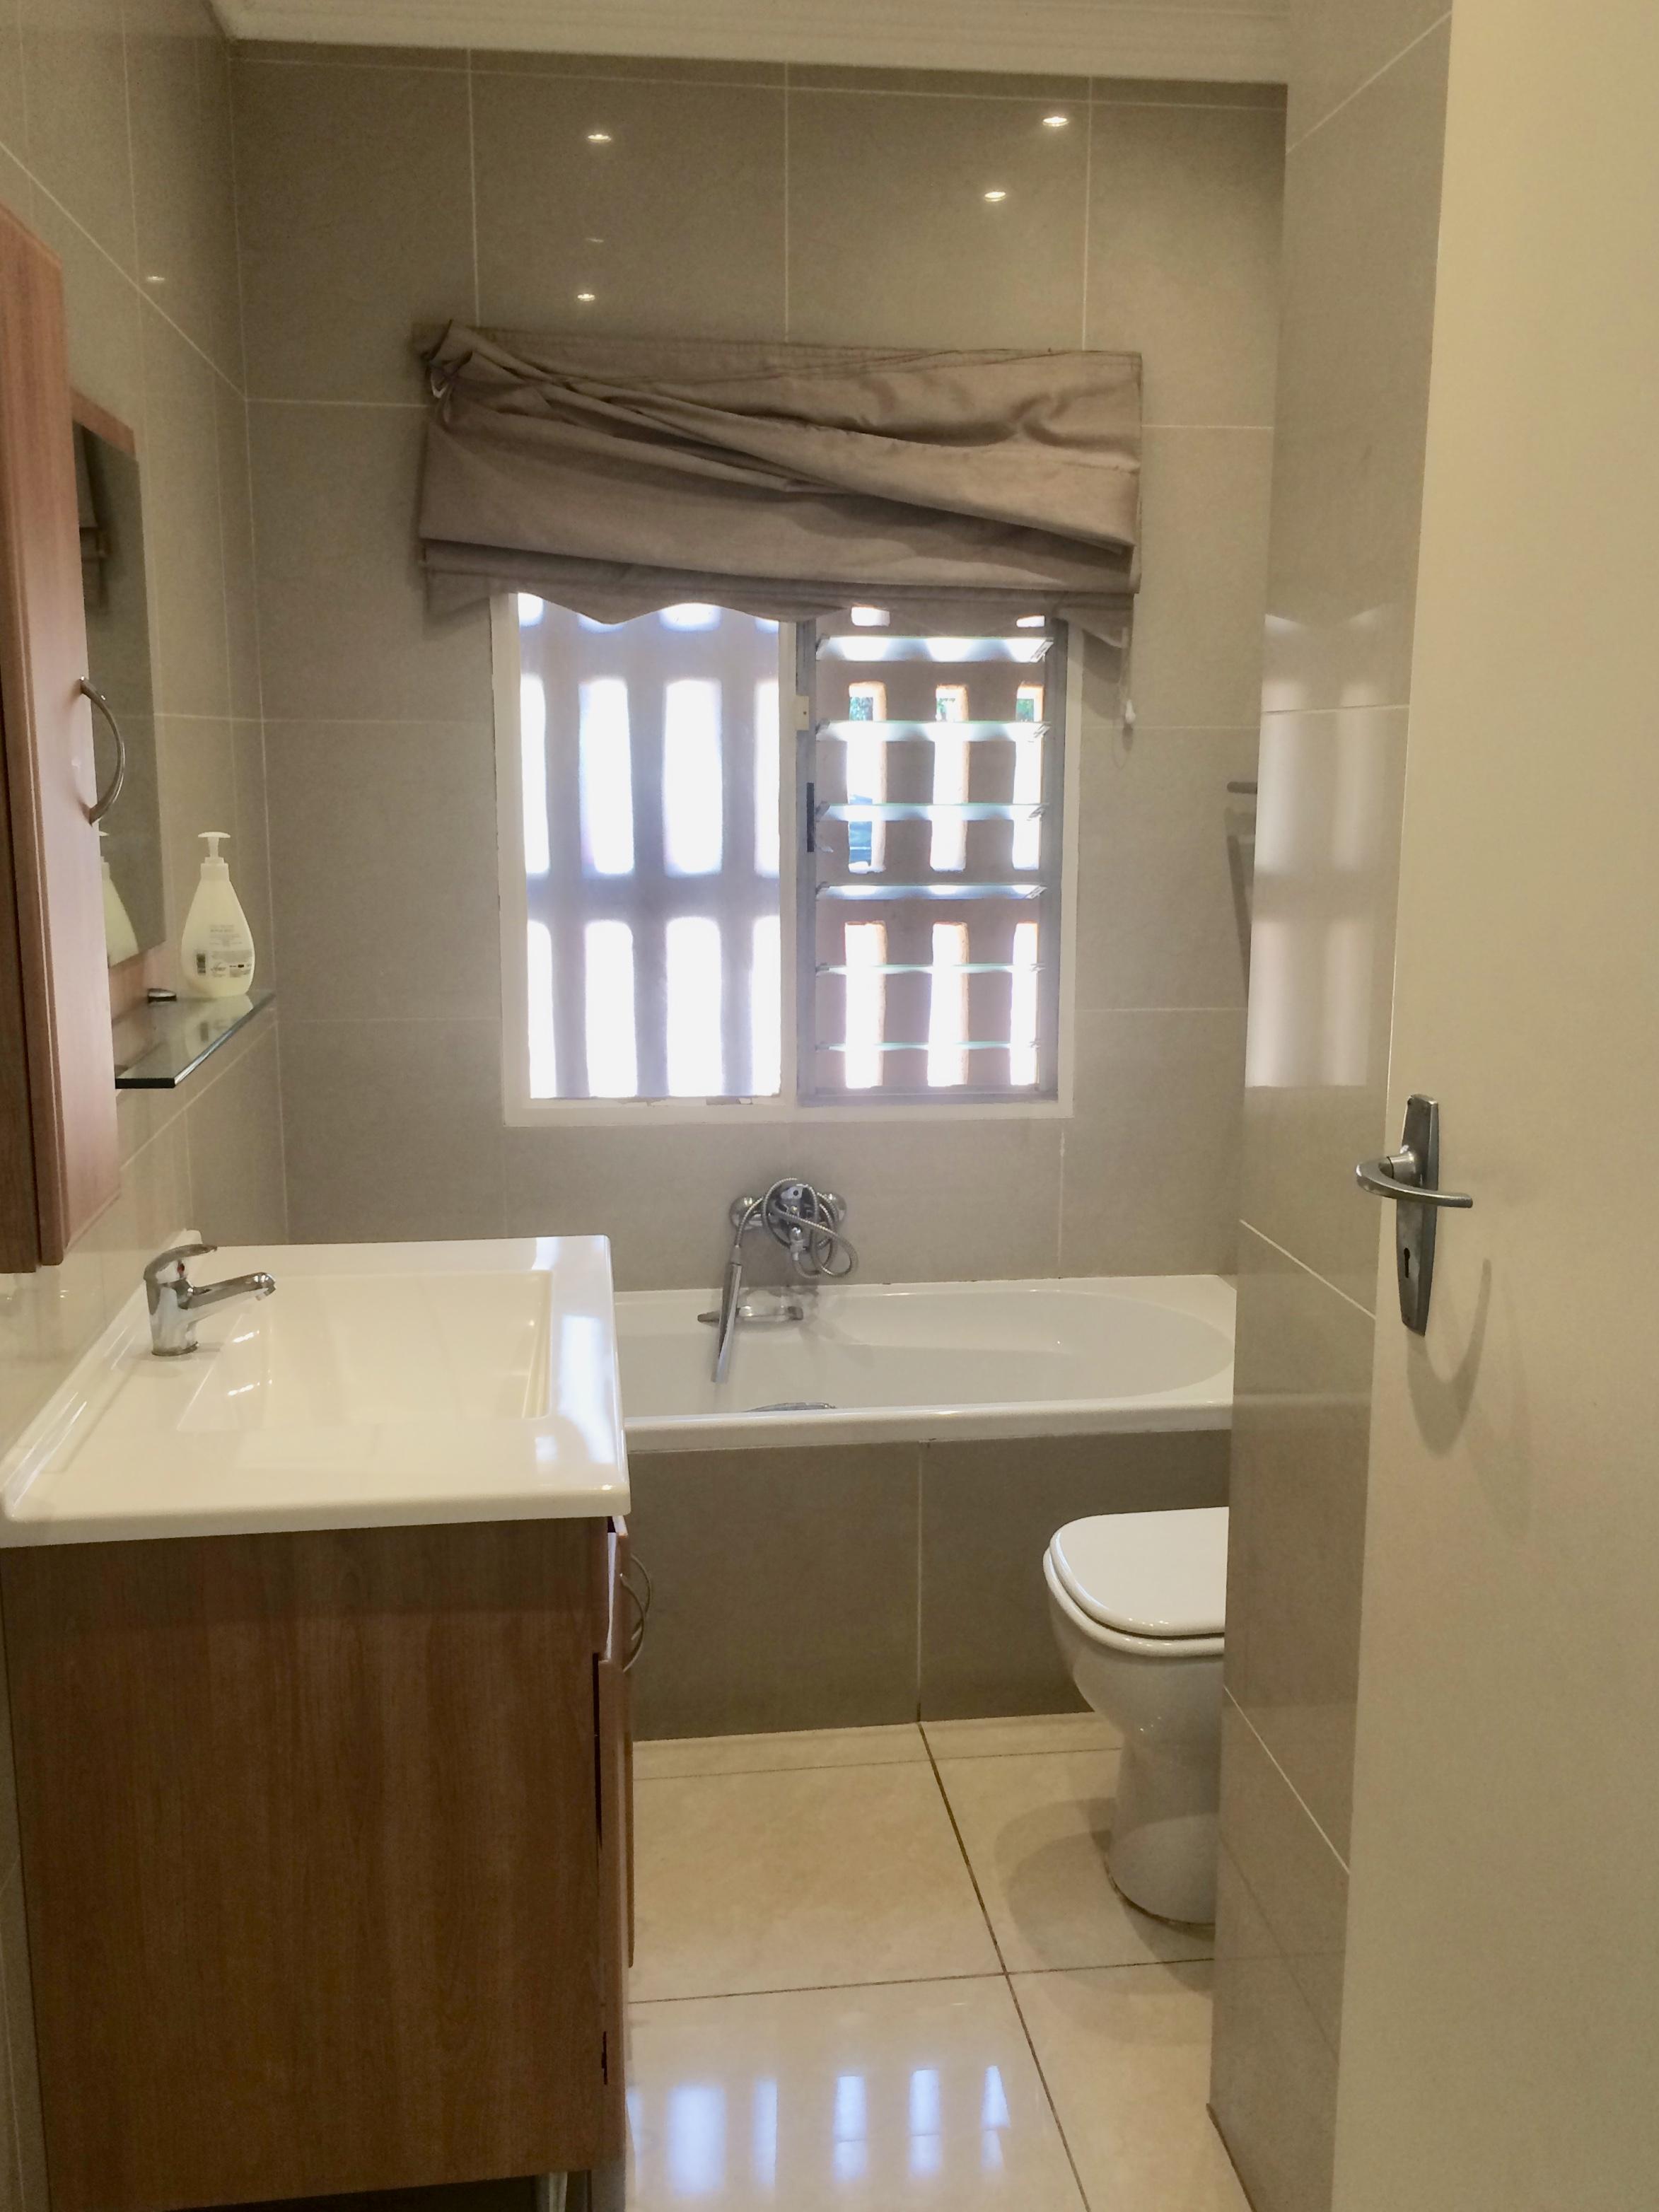 hans Pirow5, Bruma, Gauteng, 3 Bedrooms Bedrooms, ,2 BathroomsBathrooms,Sectional Title,For sale,hans Pirow5,1045